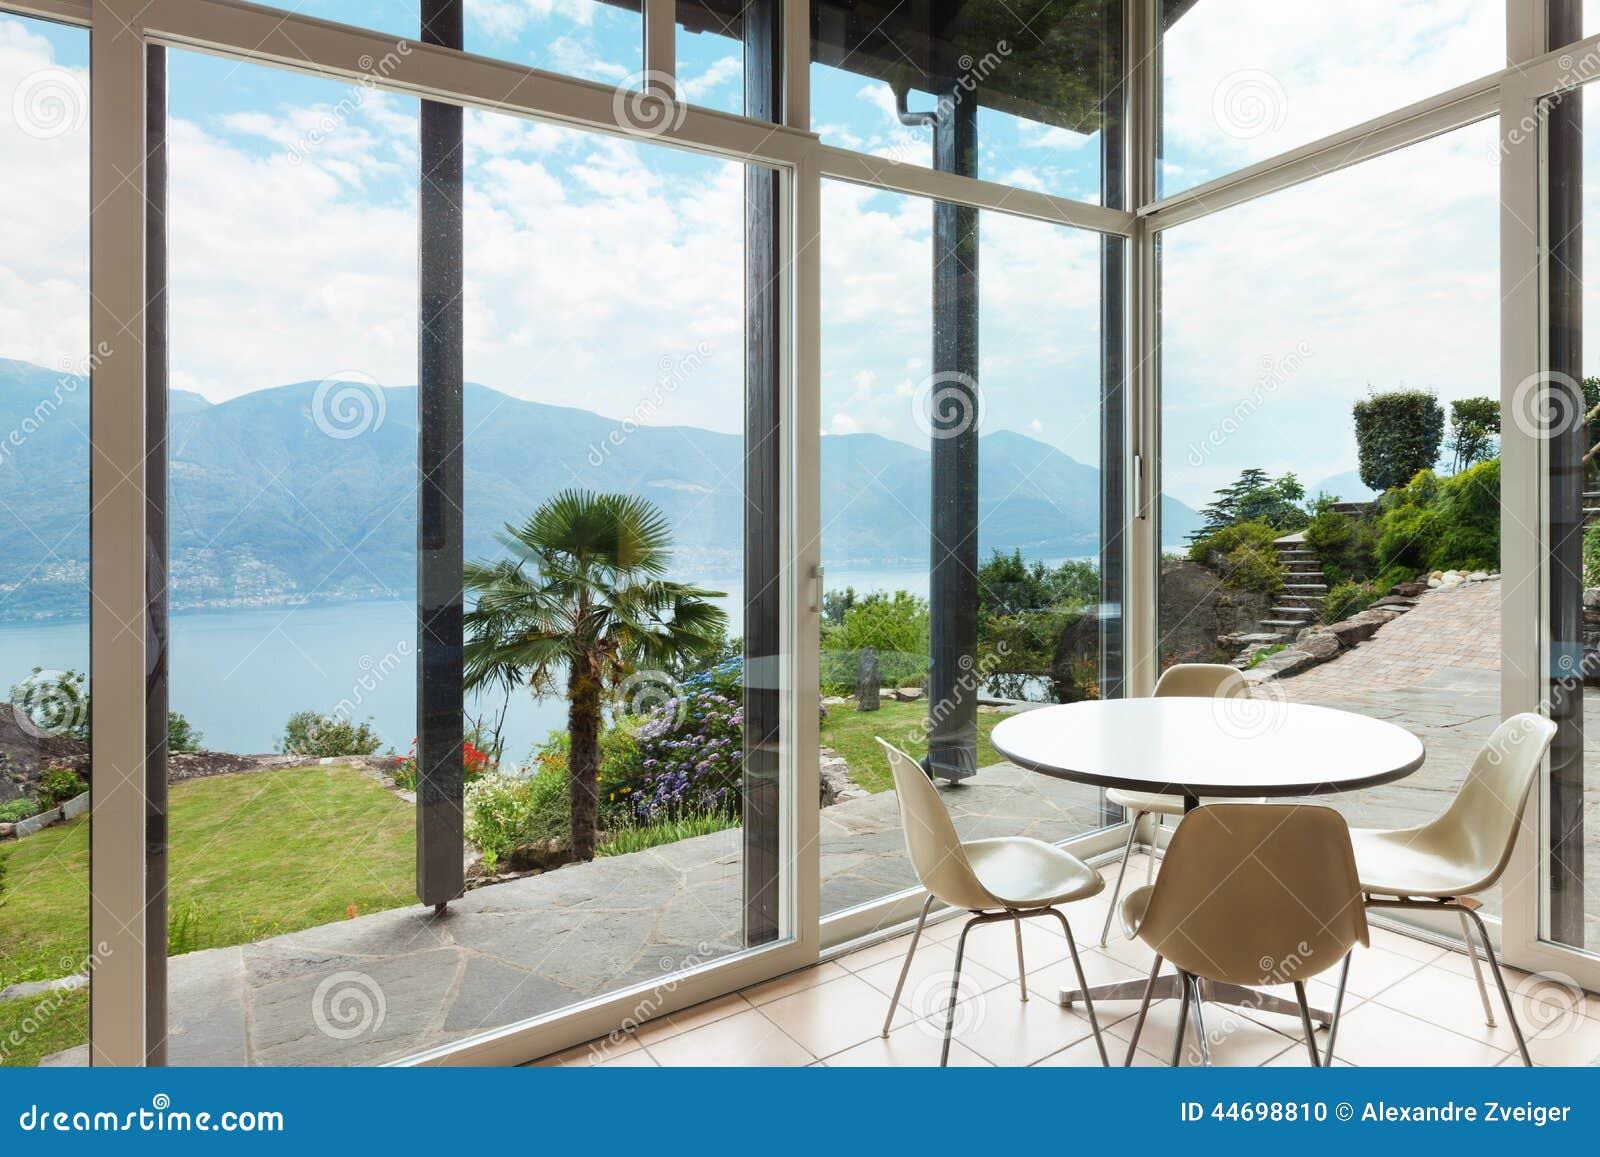 Moderne Architektur; Innen; Veranda